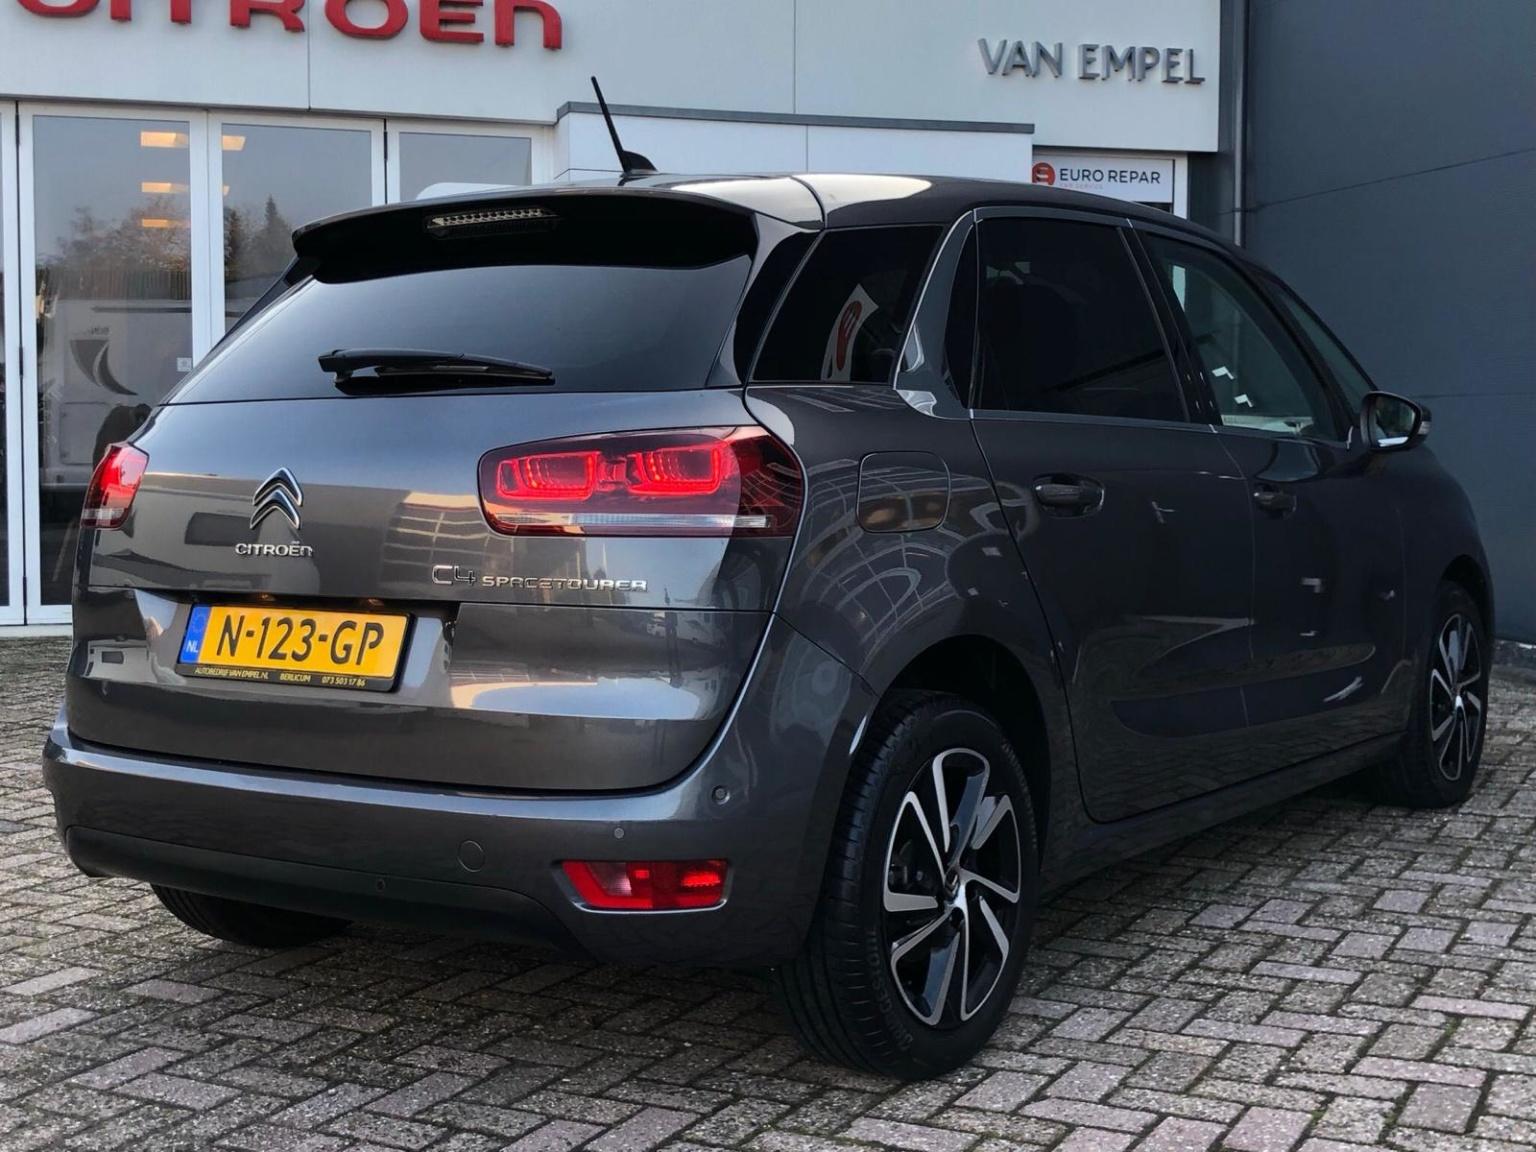 Citroën-C4 Spacetourer-5